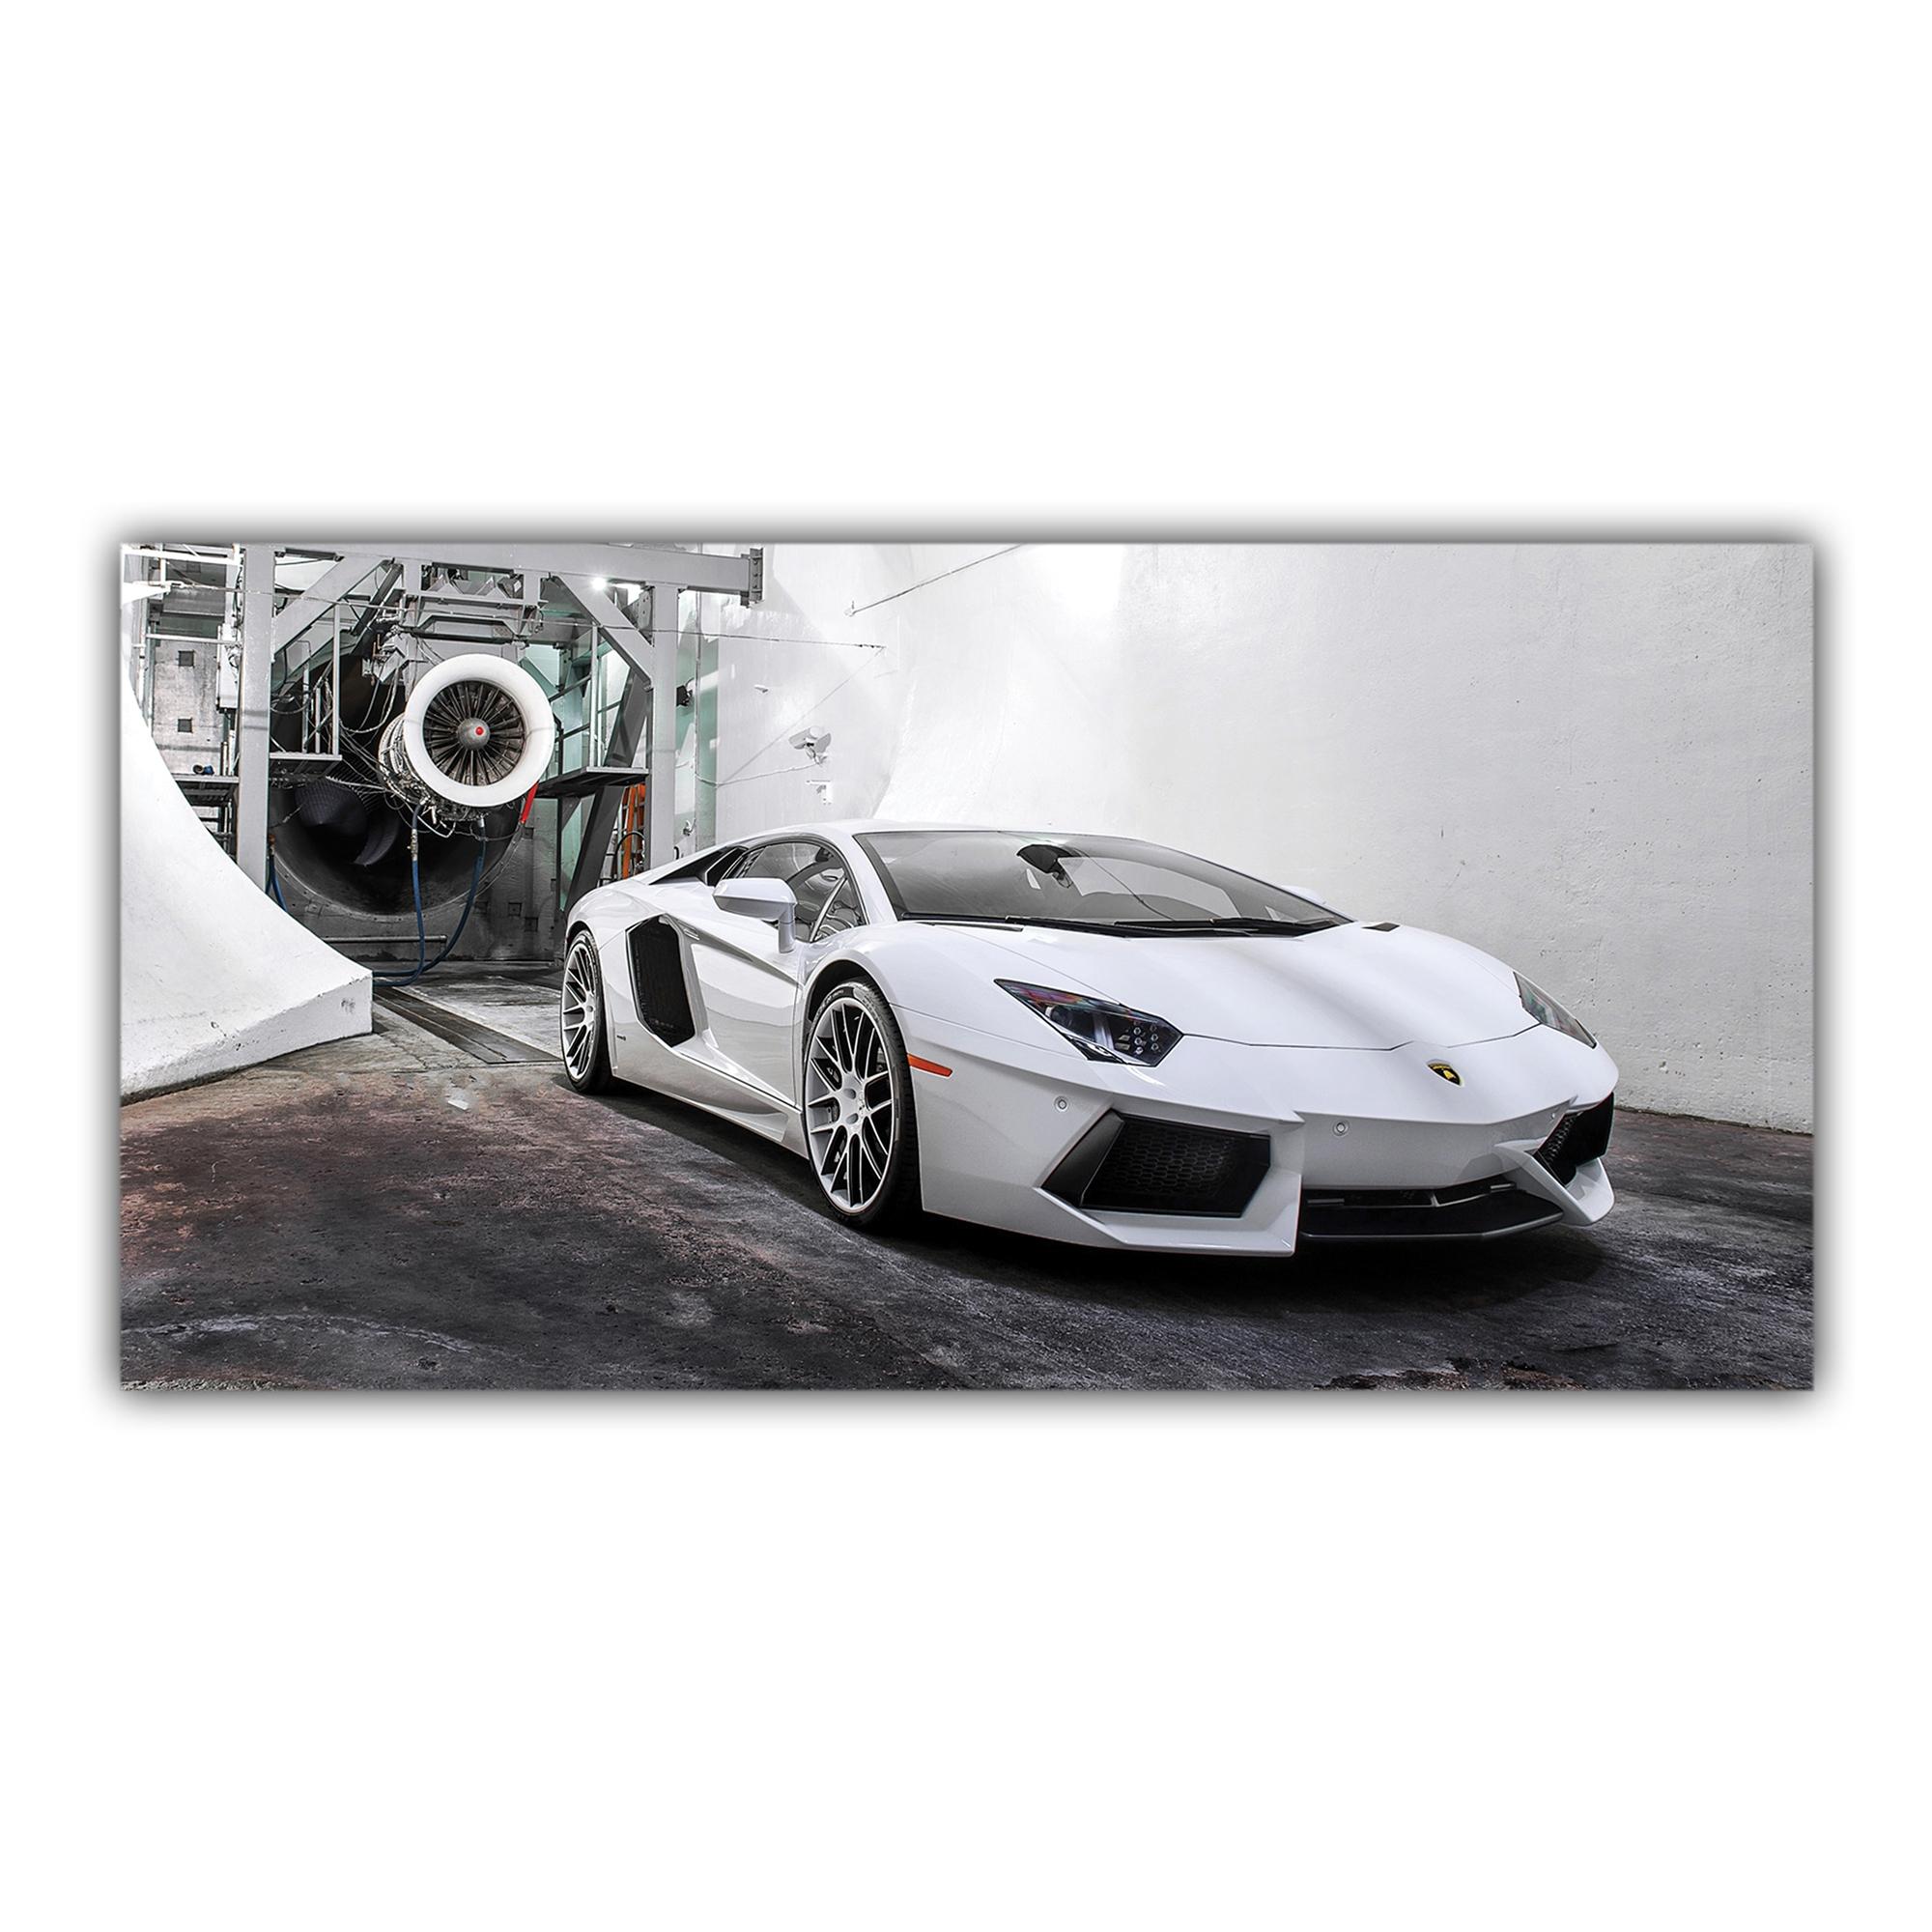 Lamborghini Aventador Sport Voiture Italienne